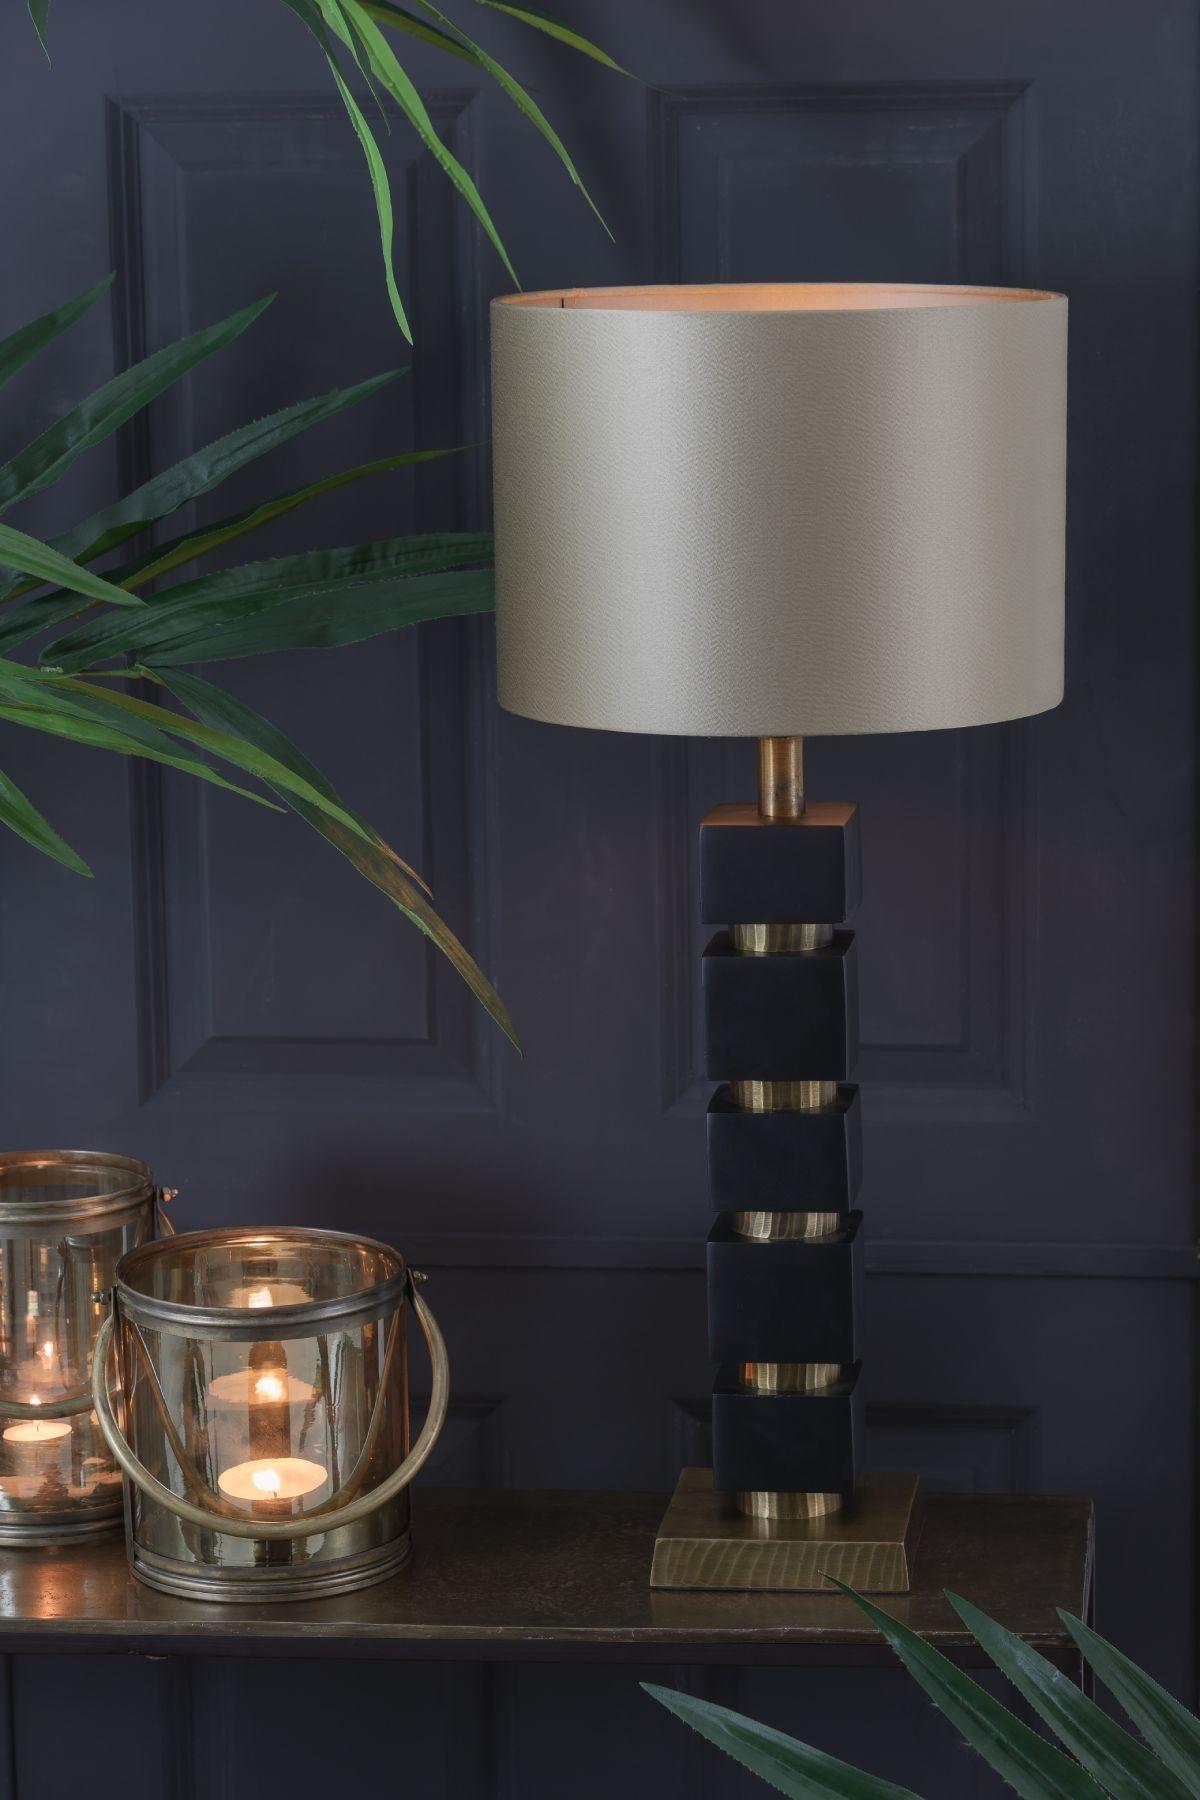 Jysa lampefoden er en virkelig smuk og eksklusiv lampefod med et luksuriøst touch, som passer perfekt til et stilfuldt interiør.